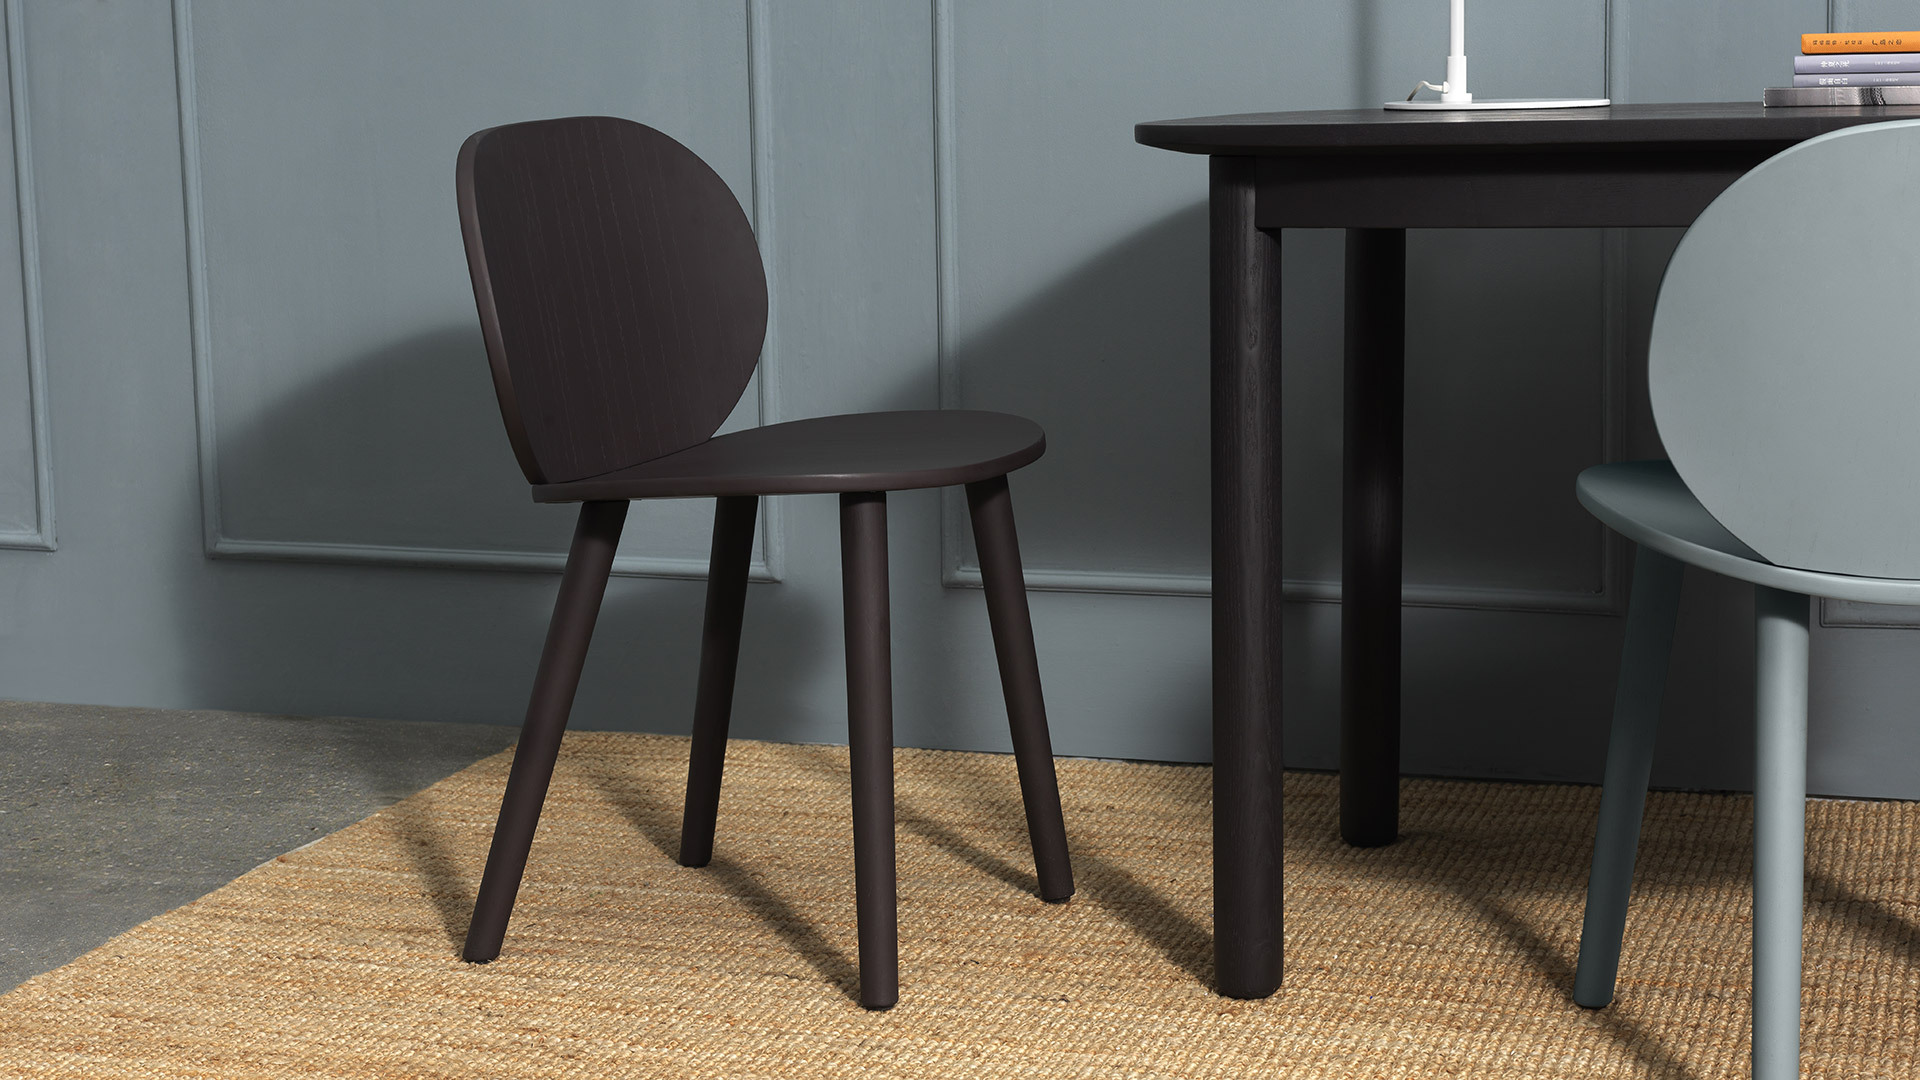 搭配Jonas Wagell同系设计的瓦雀长桌,呈现个性鲜明的现代空间,独具创想的趣味椅型,调和伏案时的沉寂氛围,让灵感像曲线一样轻巧涌现。